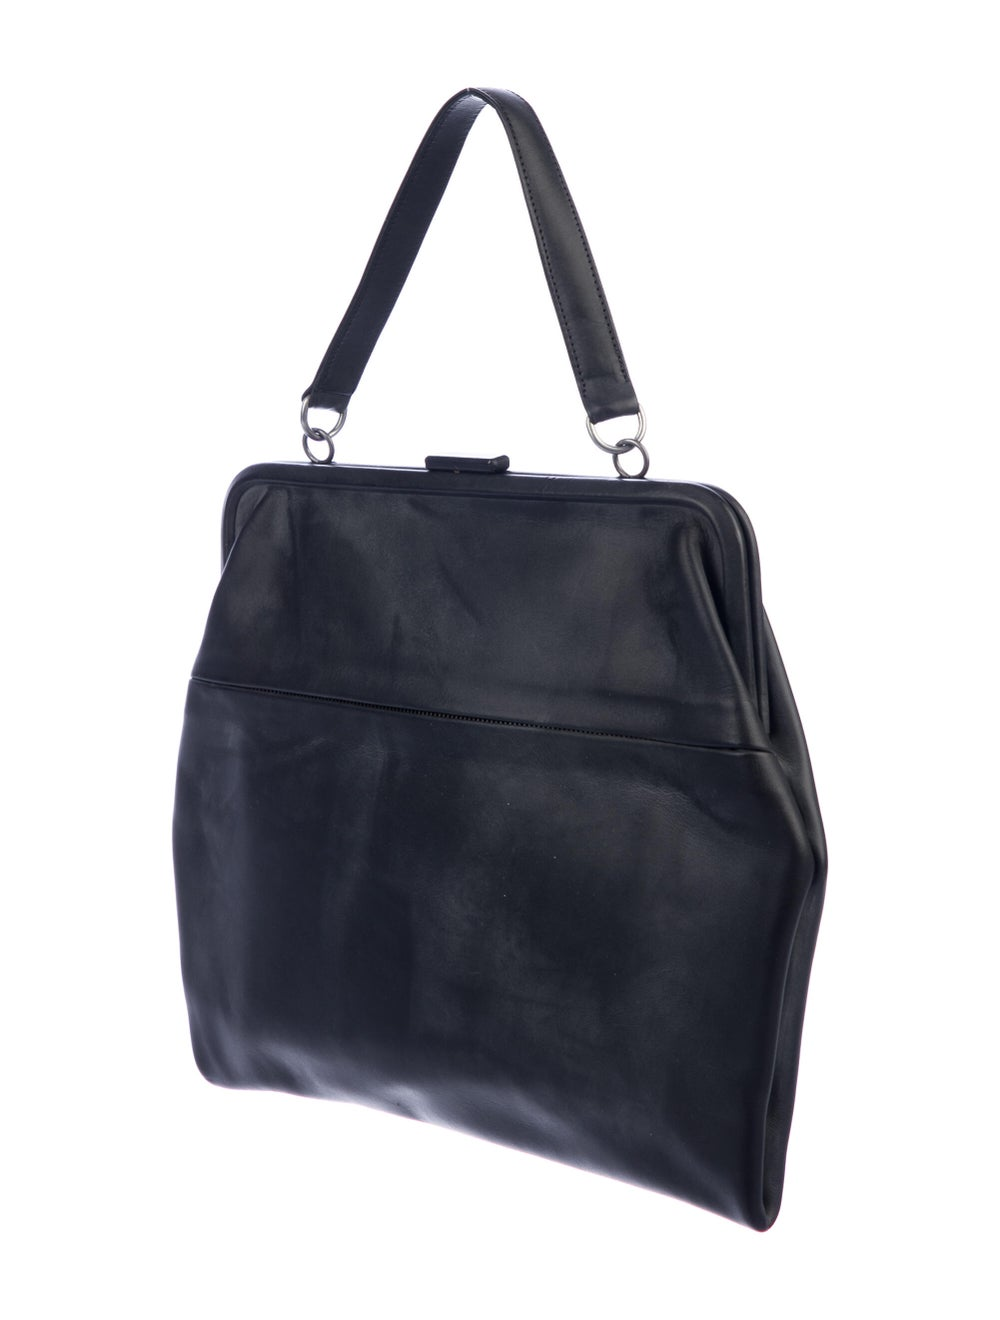 Isaac Reina Leather Radical Satchel Black - image 3